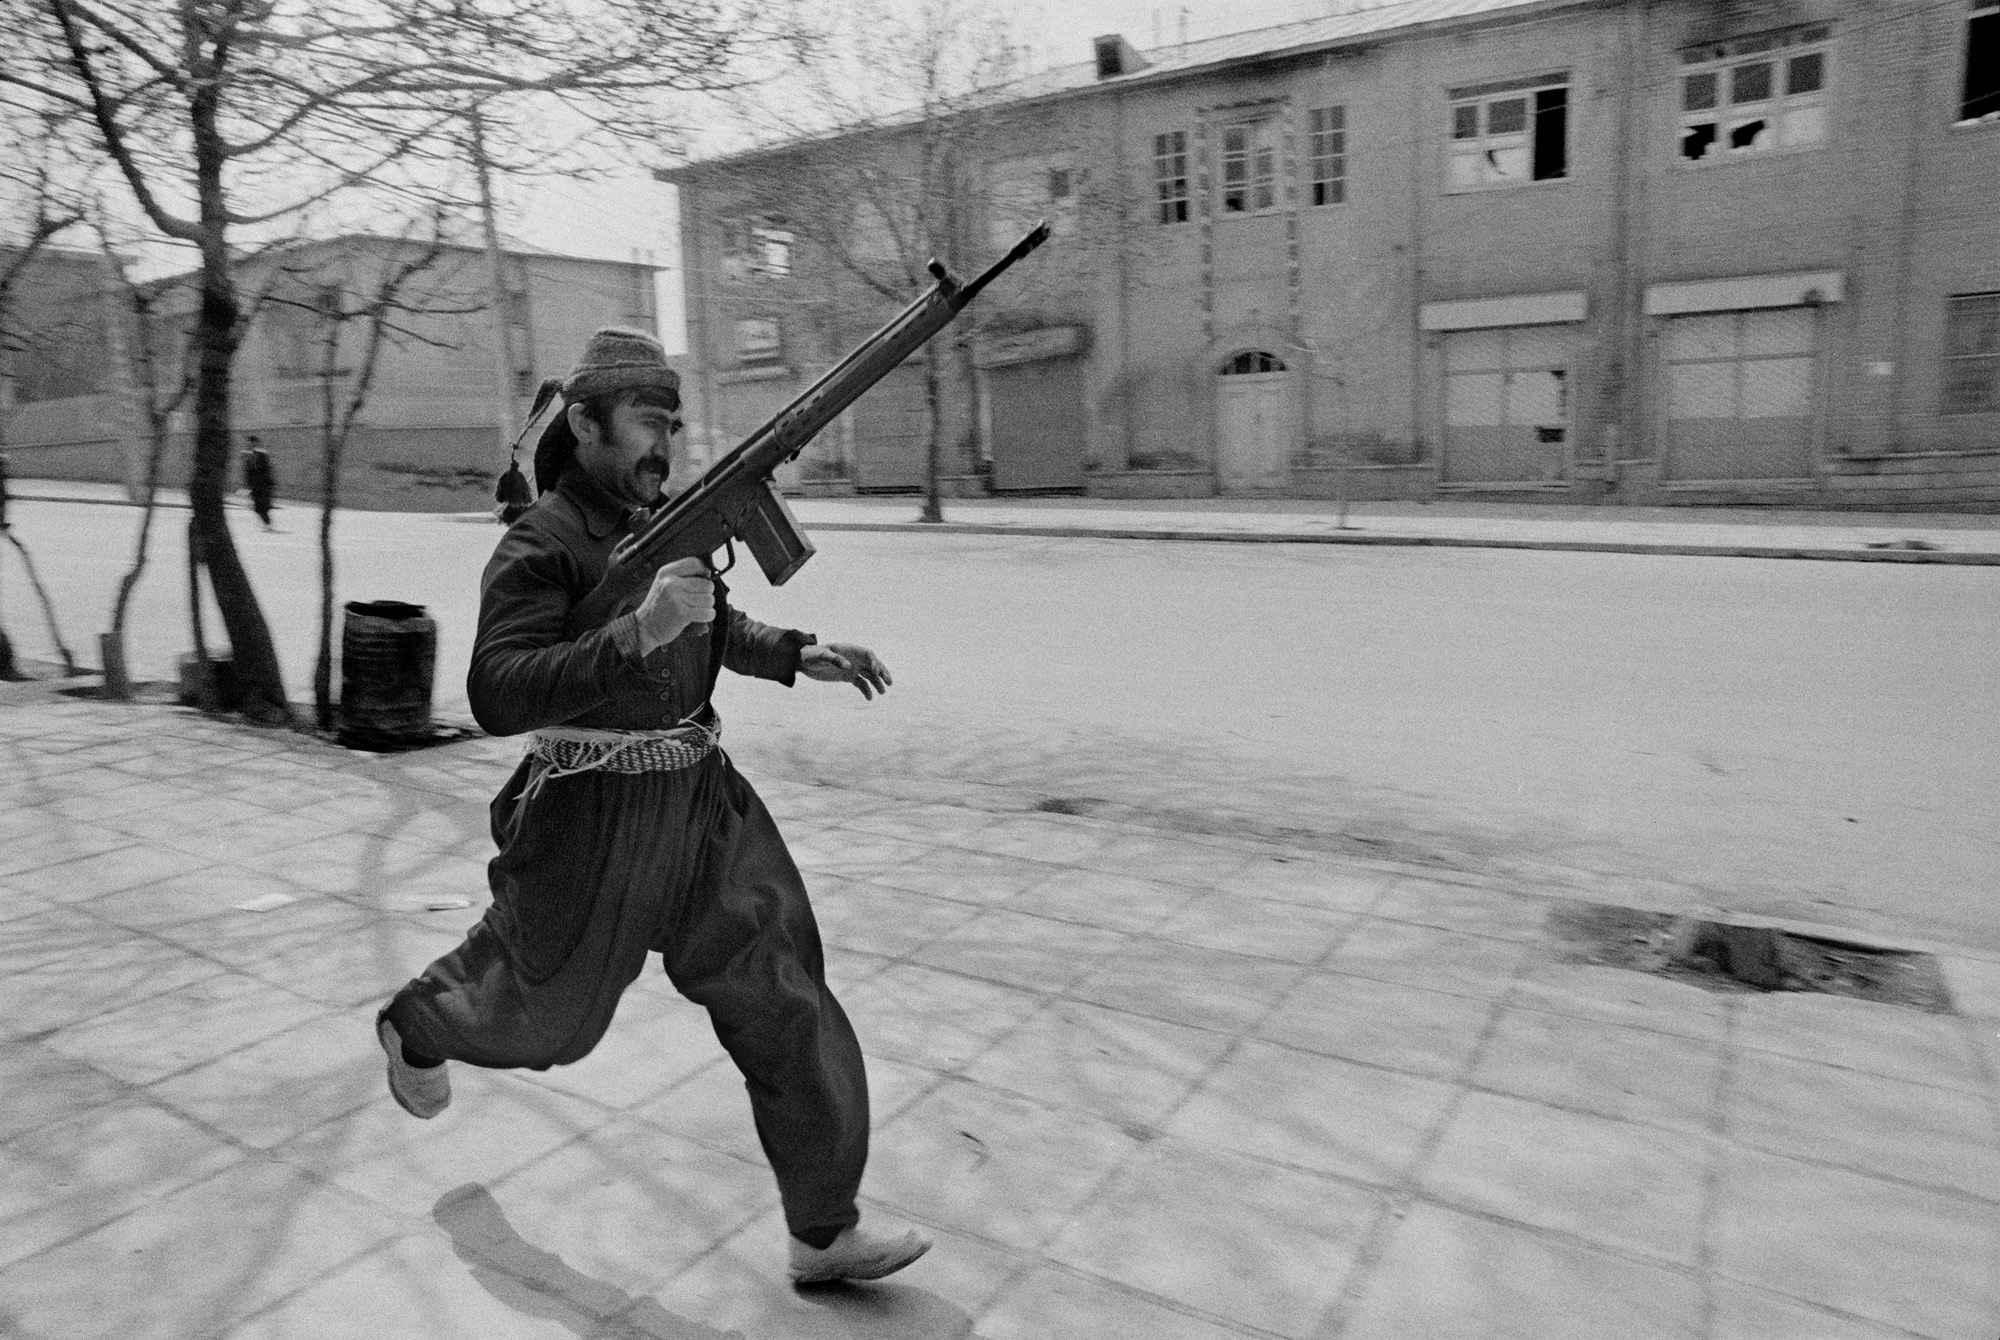 PAR169188 - شهروندِ جهان (عباس عطار ۱۳۲۳-۱۳۹۷) - مگنوم, عکس اجتماعی, عباس عطار, شهروند جهان